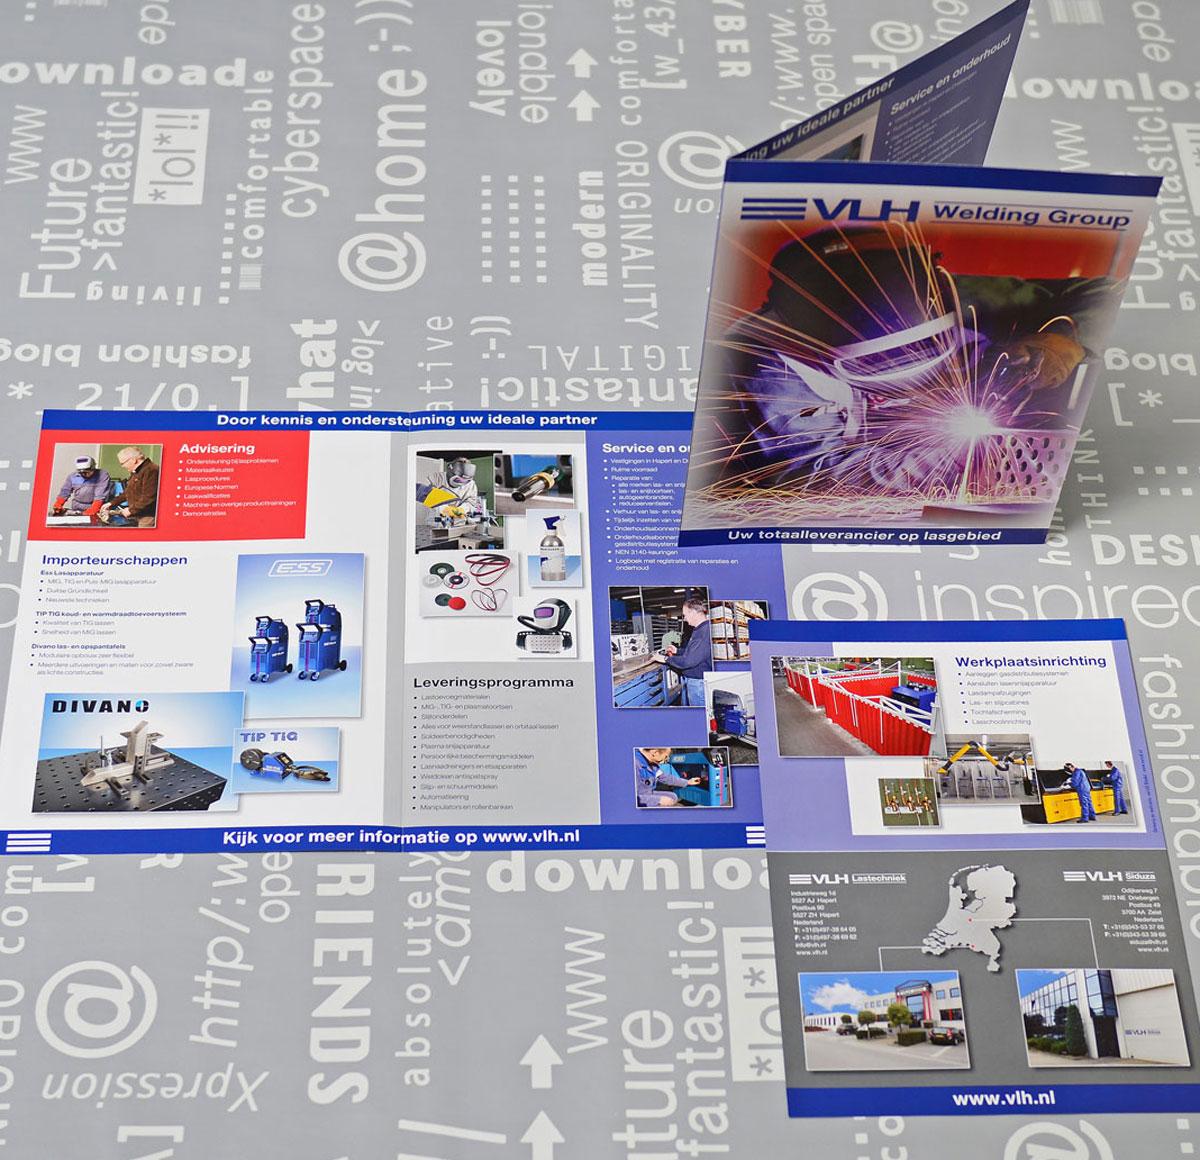 VLH, reclame, ontwerp, huisstijl, grafische vormgeving, bedrijfsfotografie, DTP, reclame-uiting, brochure, Portfolio